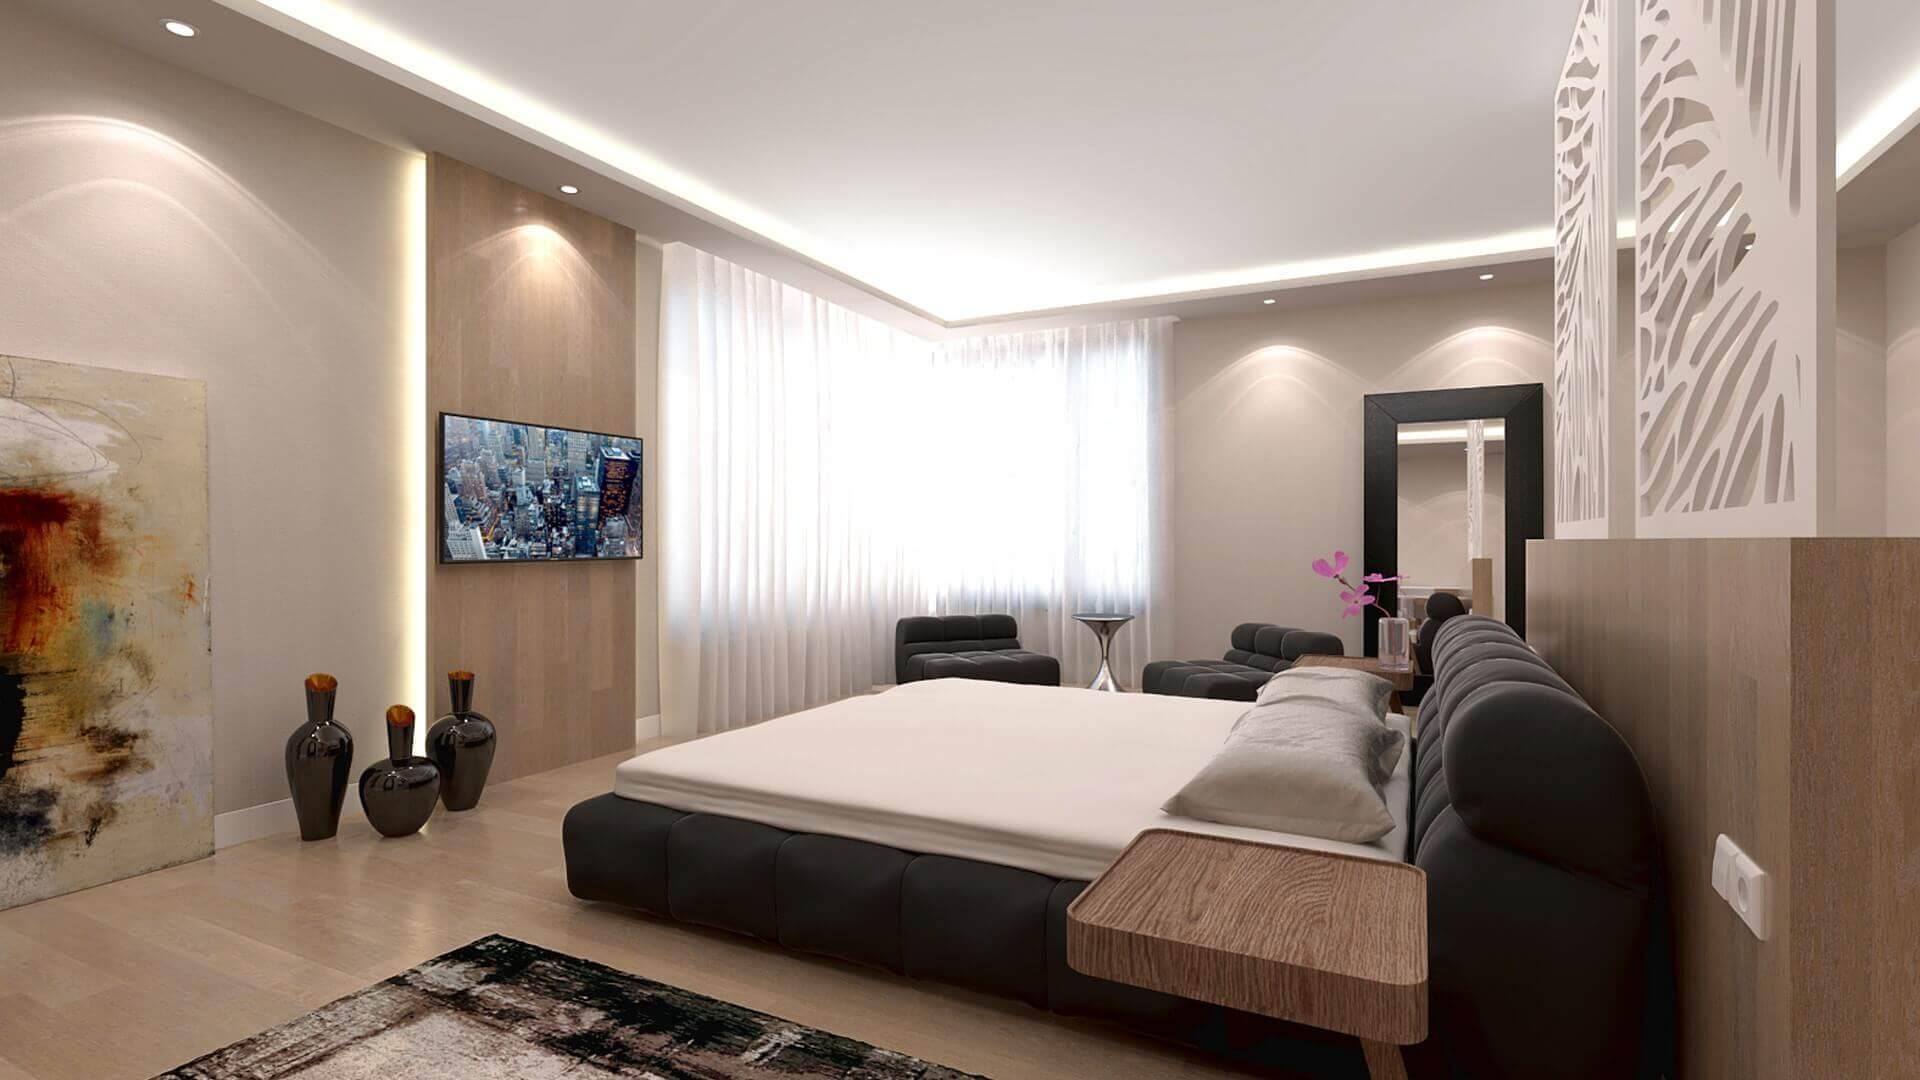 home inspiration 2988 E. Uslu Konutu Residential